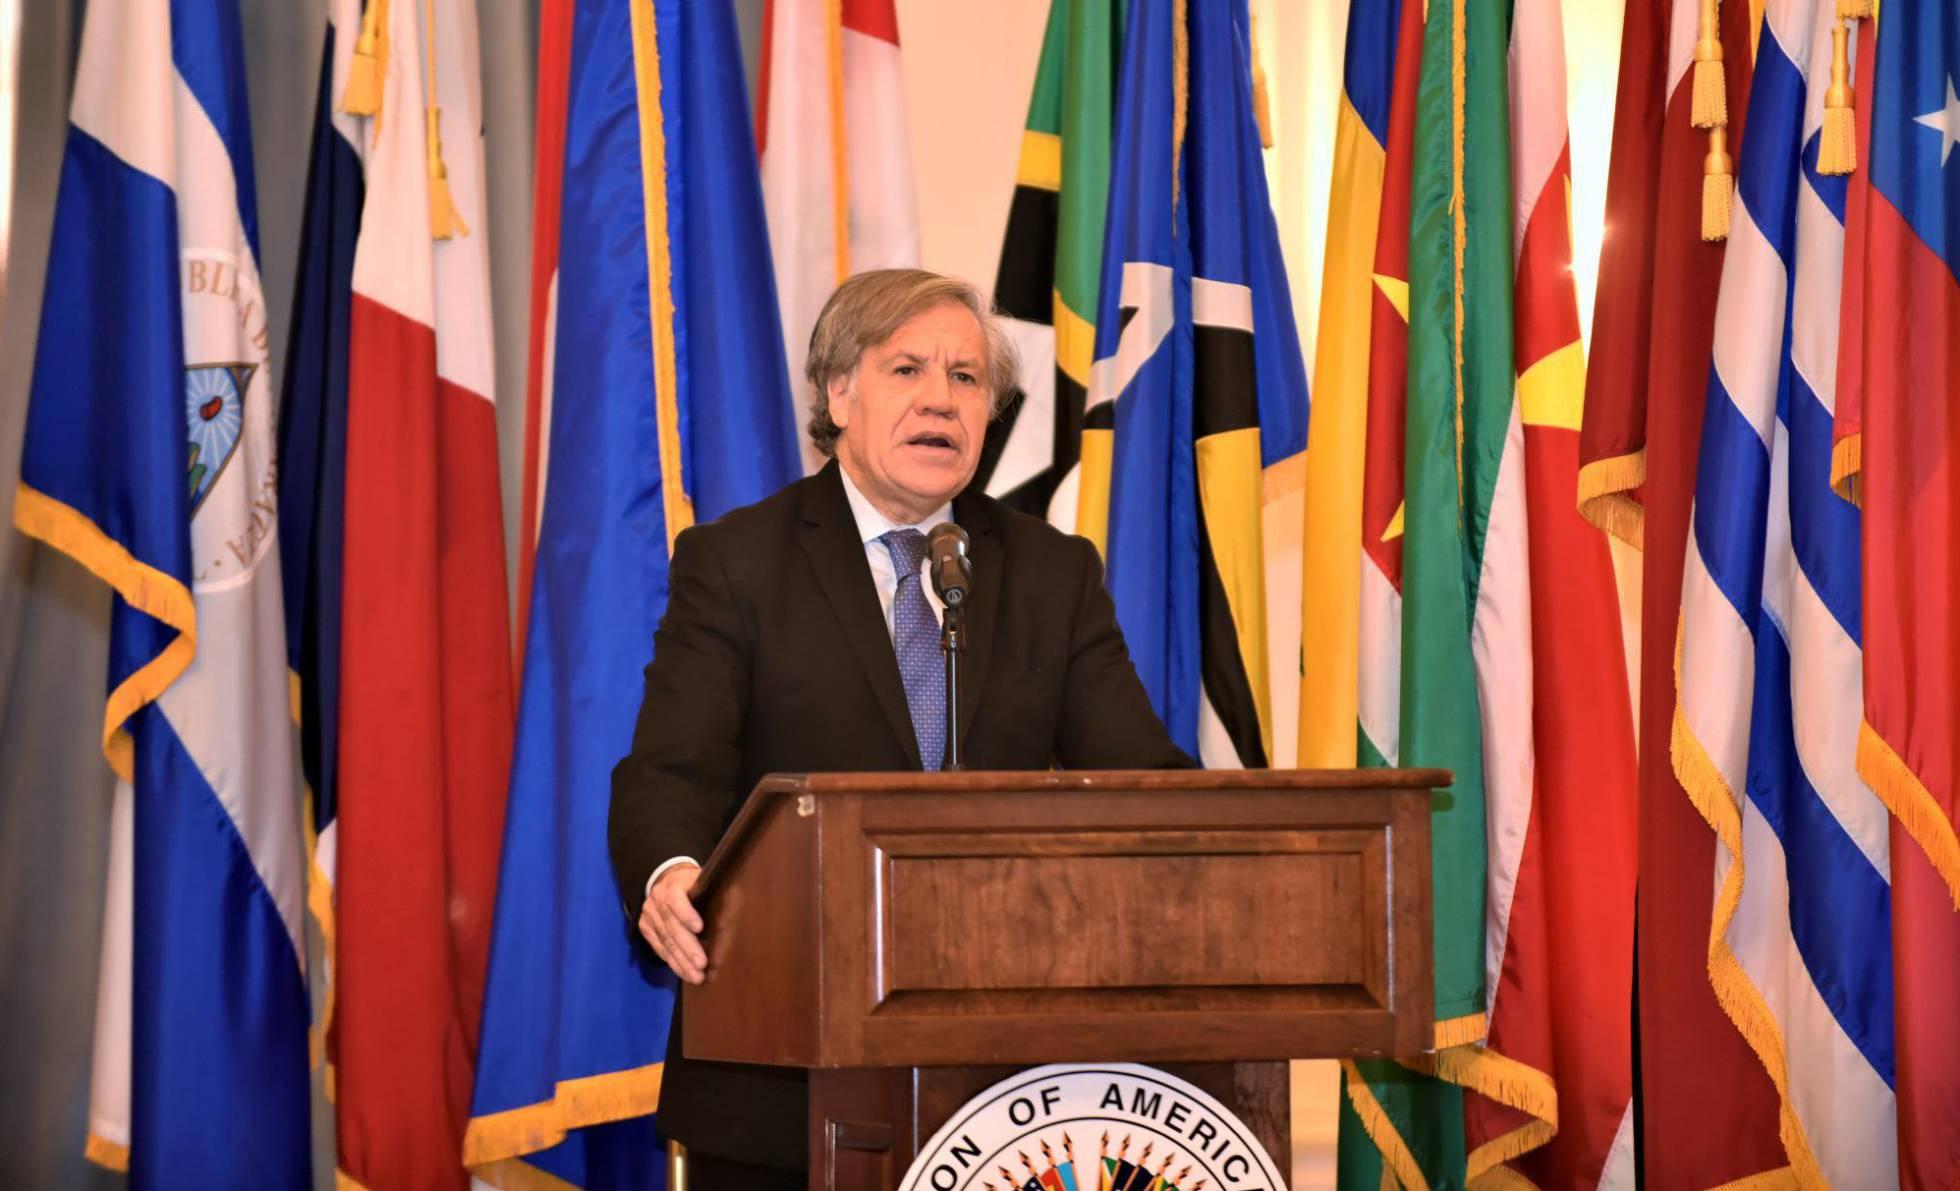 La OEA condiciona su participación en las negociaciones en Nicaragua a la liberación de los presos políticos